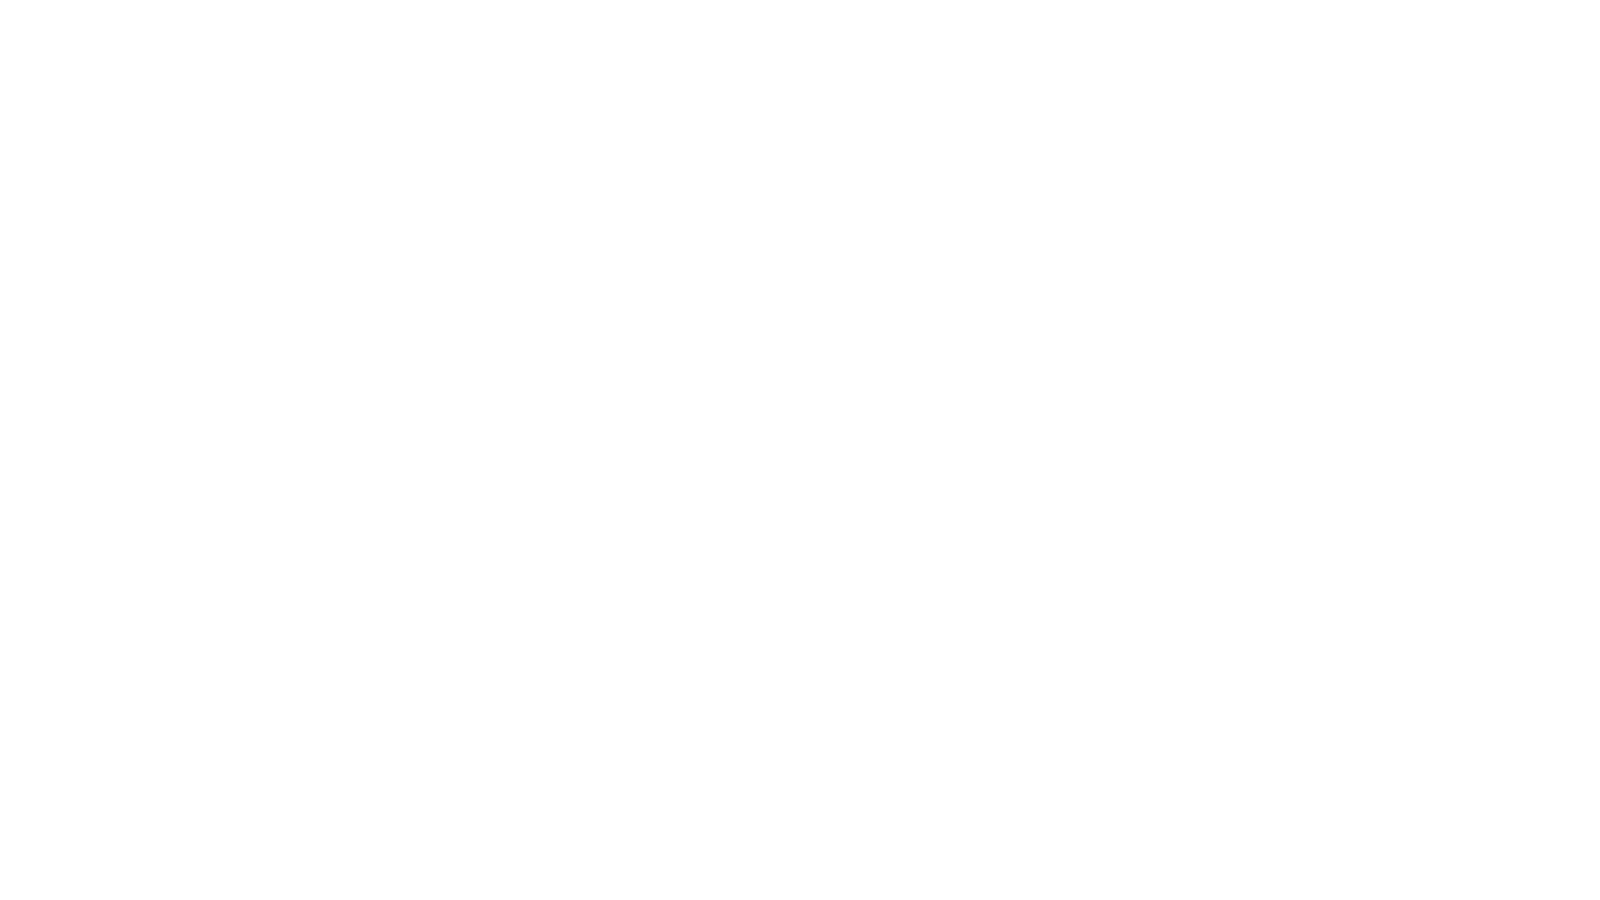 O acesso pleno ao território é uma das principais pautas dos Povos e Comunidades Tradicionais do Brasil.   A demarcação e titulação dos nossos territórios nos assegura autonomia, segurança e muitas outras políticas públicas de inclusão e dignidade.   Não nos possibilitar esses requisitos é, portanto, uma forma de segregação, exclusão e apagamento do nosso povo, por parte do Estado brasileiro.  Só de demanda quilombola pela titulação existe, atualmente no INCRA, mais de 1.700 processos abertos, muitos iniciados no ano de 2003.  Nesse mesmo período o orçamento destinado à titulação só diminuiu, tornando inviável a conclusão dos processos em andamento.  Quer saber mais sobre como os movimentos articulam a resistência dessa pauta?  Acompanhe, logo mais às 17h, a live: Terra e Território promovida pela CONAQ em parceria com o MST e a Rede Nacional de Comunidades Pantaneiras.  #Conaq25anos #Emdefesadoteritorioedavida #nenhumdireitoamenos